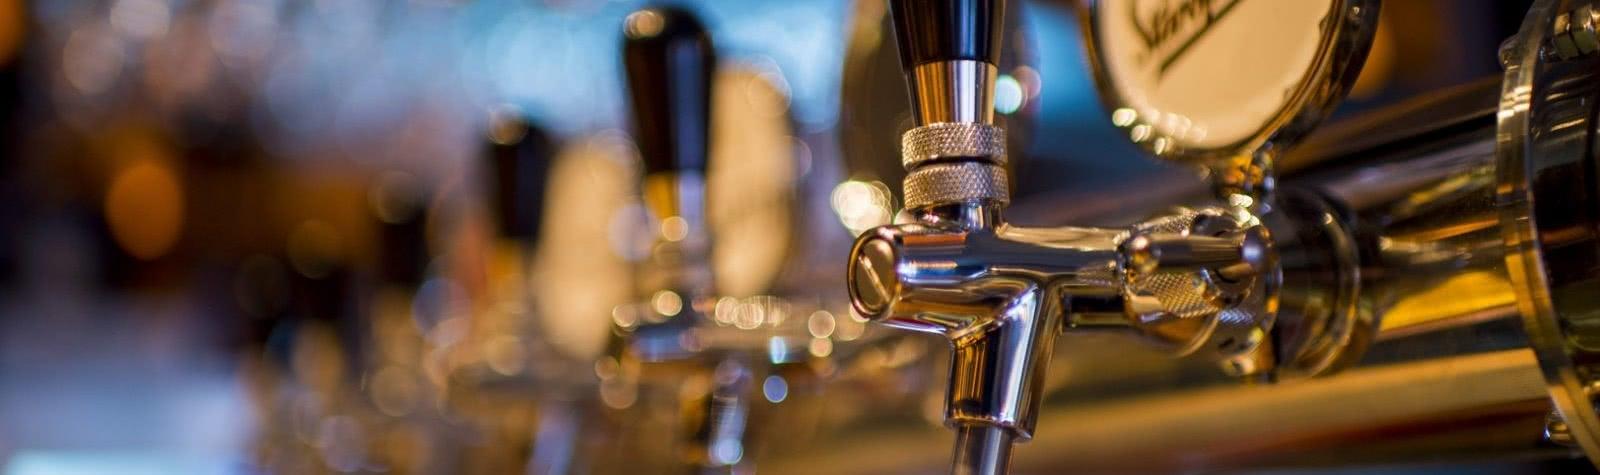 bars et pub